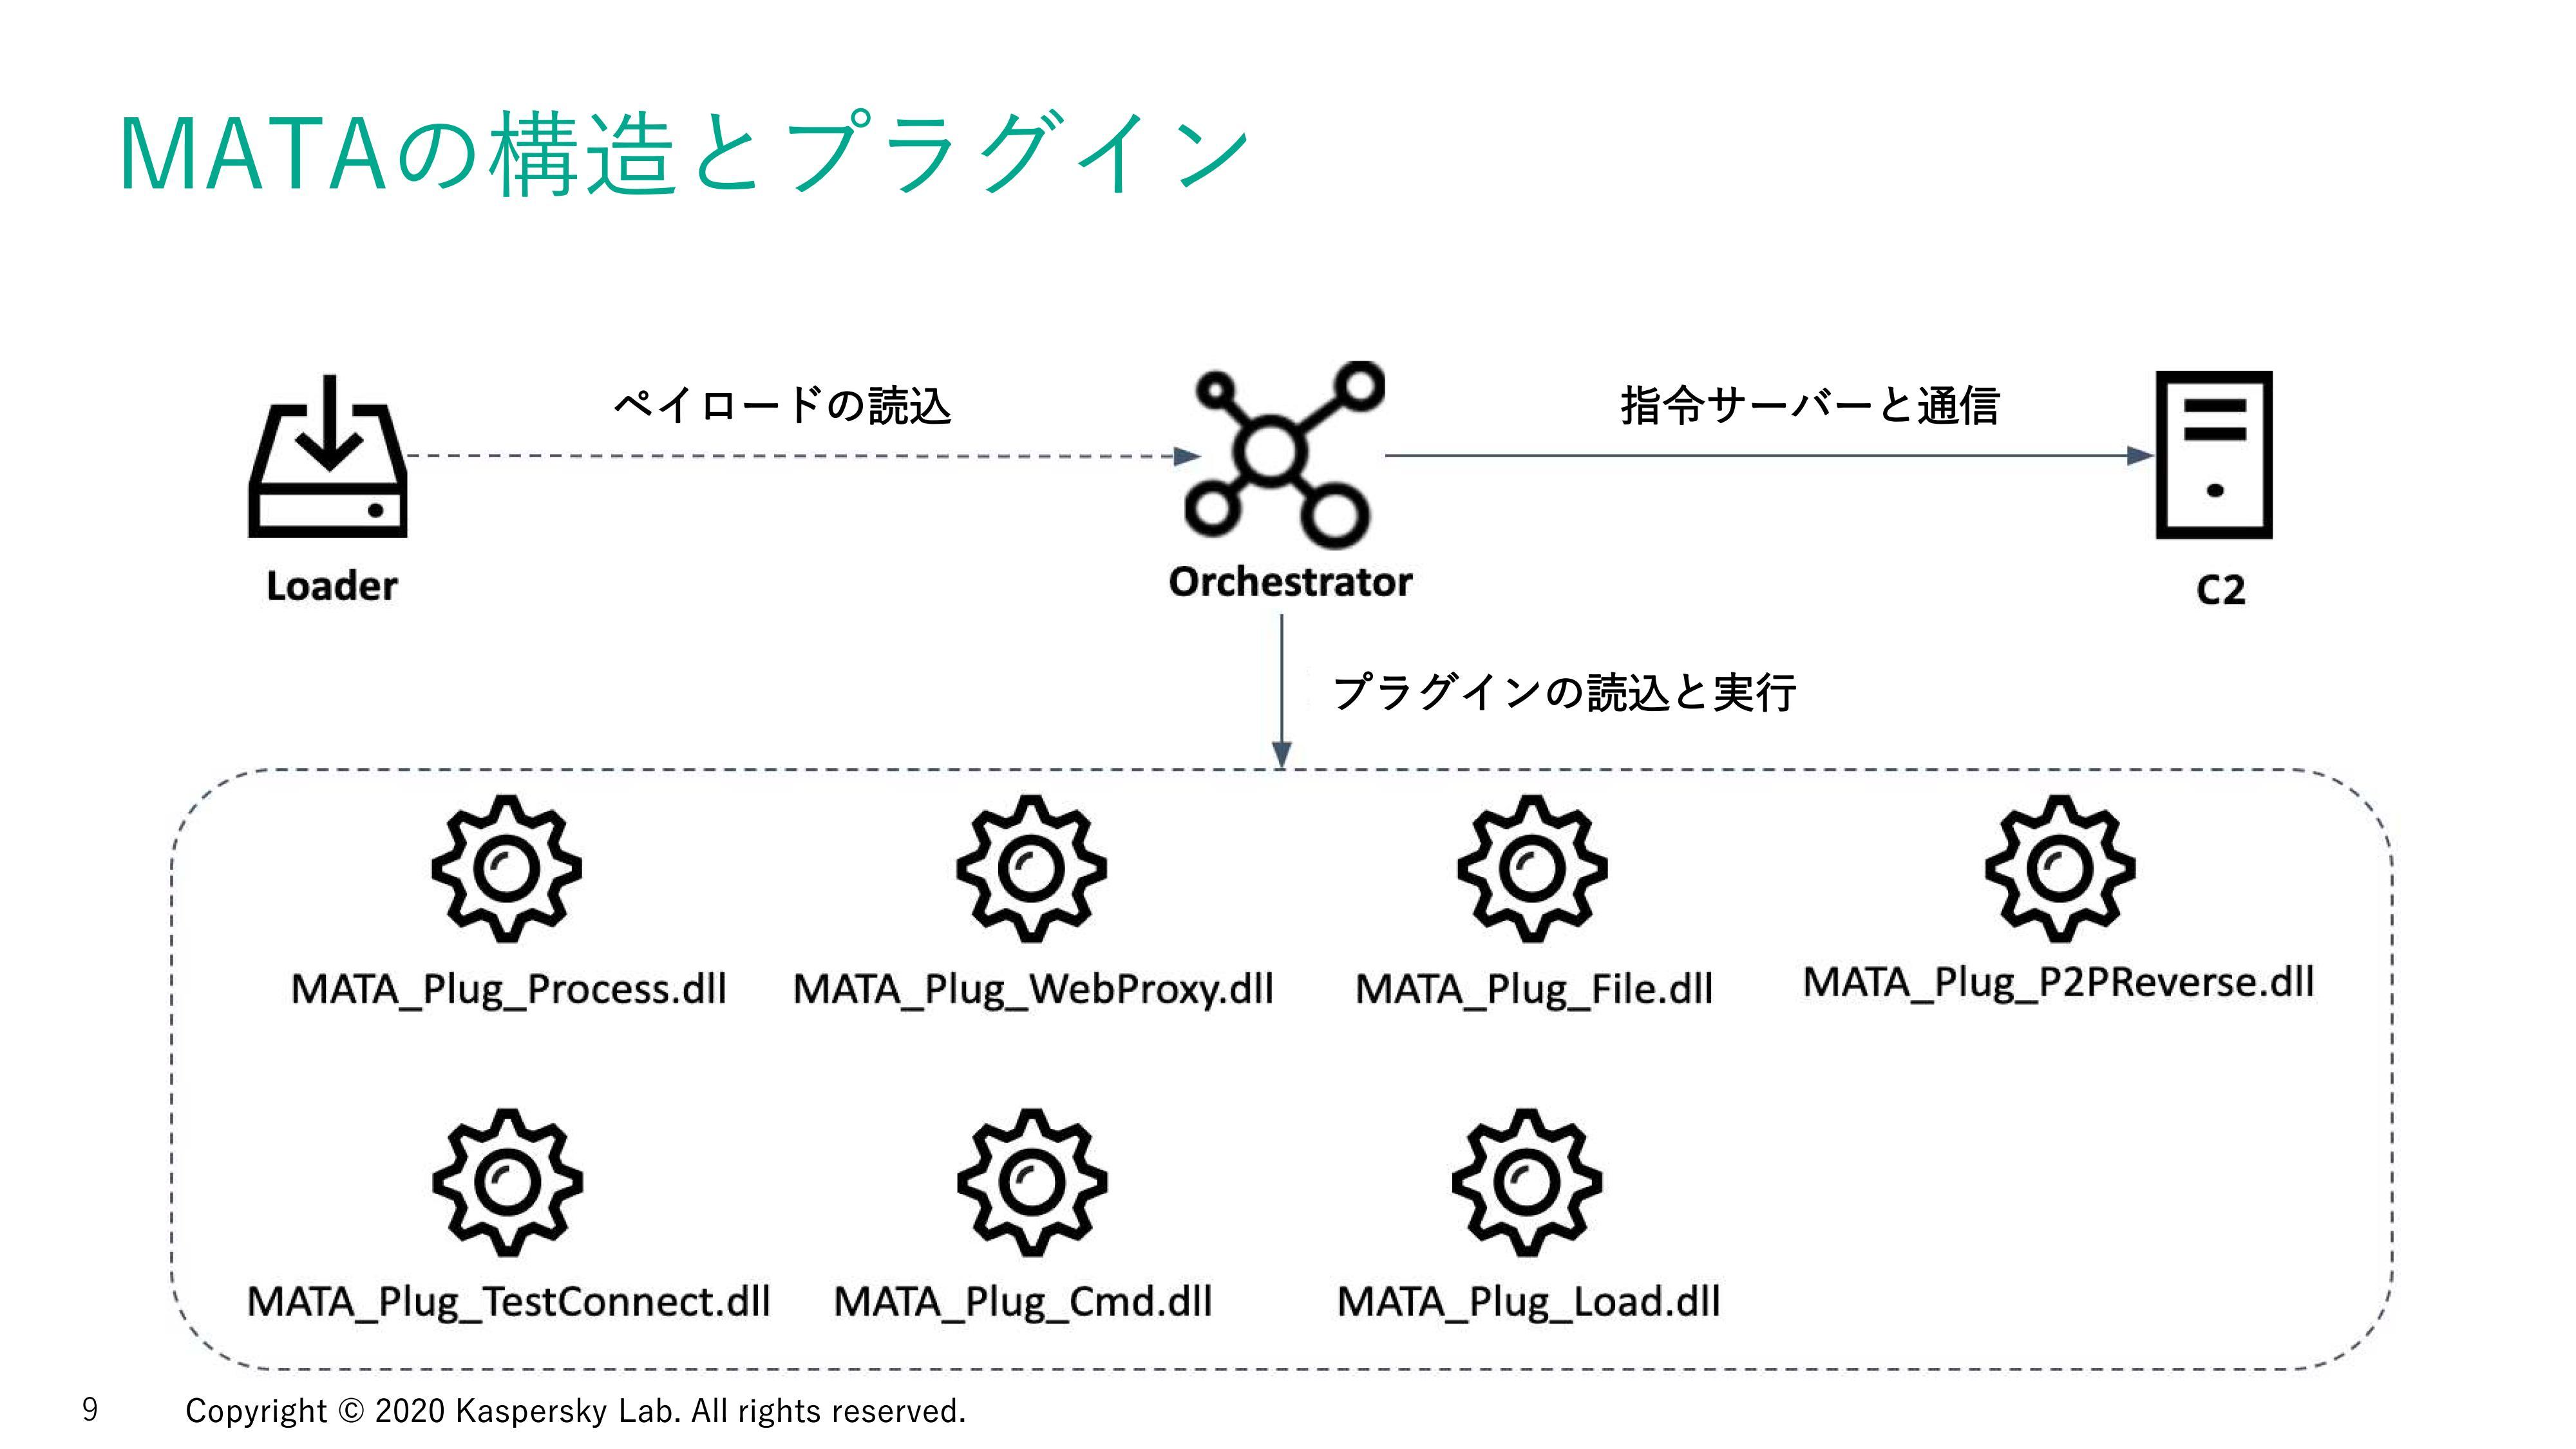 ローダーやプラグイン、オーケストレーターなどから構成される「MATAフレームワーク」